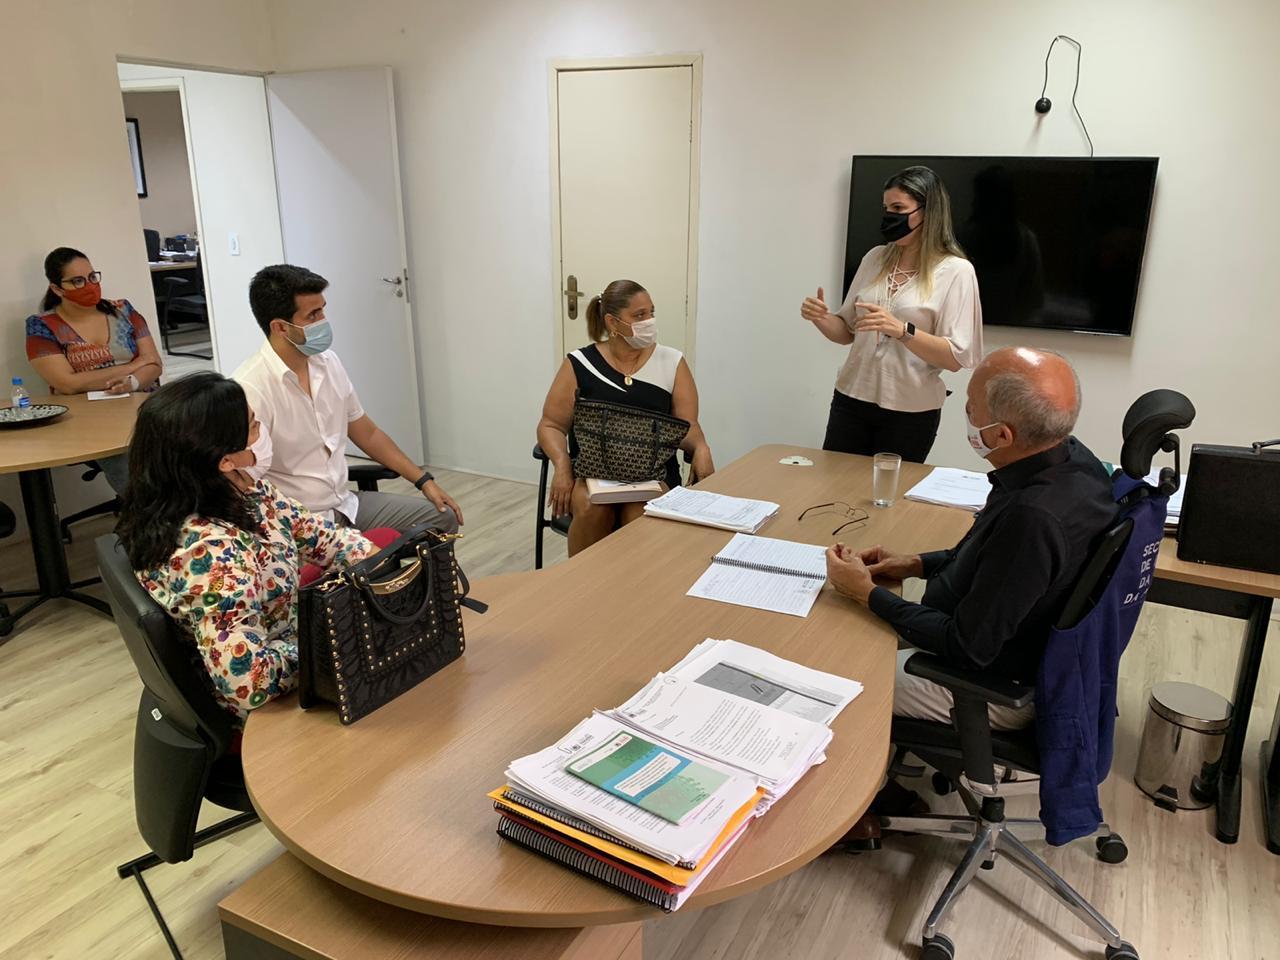 8f9e367a 45a7 4dfe 913e 48f92a2347bd - Wilson Filho garante reabertura do centro cirúrgico do Hospital Distrital de Belém -PB